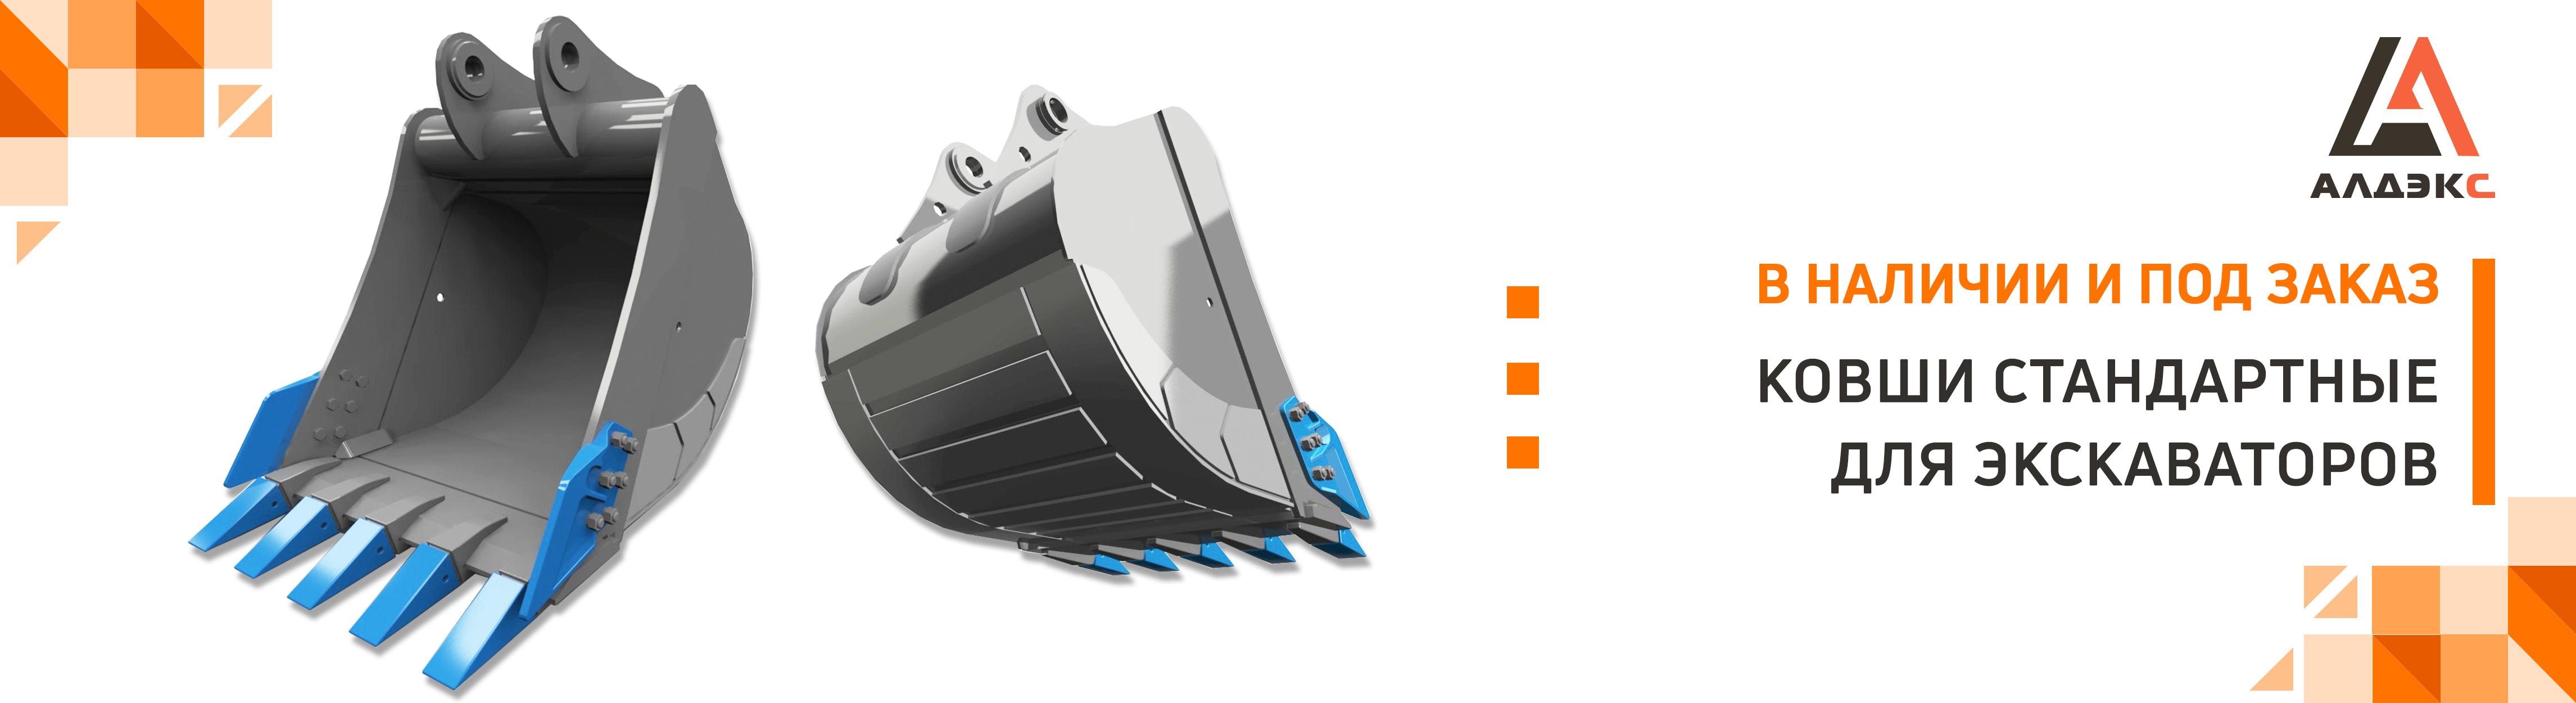 Компания «Адлэкс» предлагает ковши стандартные для экскаваторов и погрузчиков собственного производства.